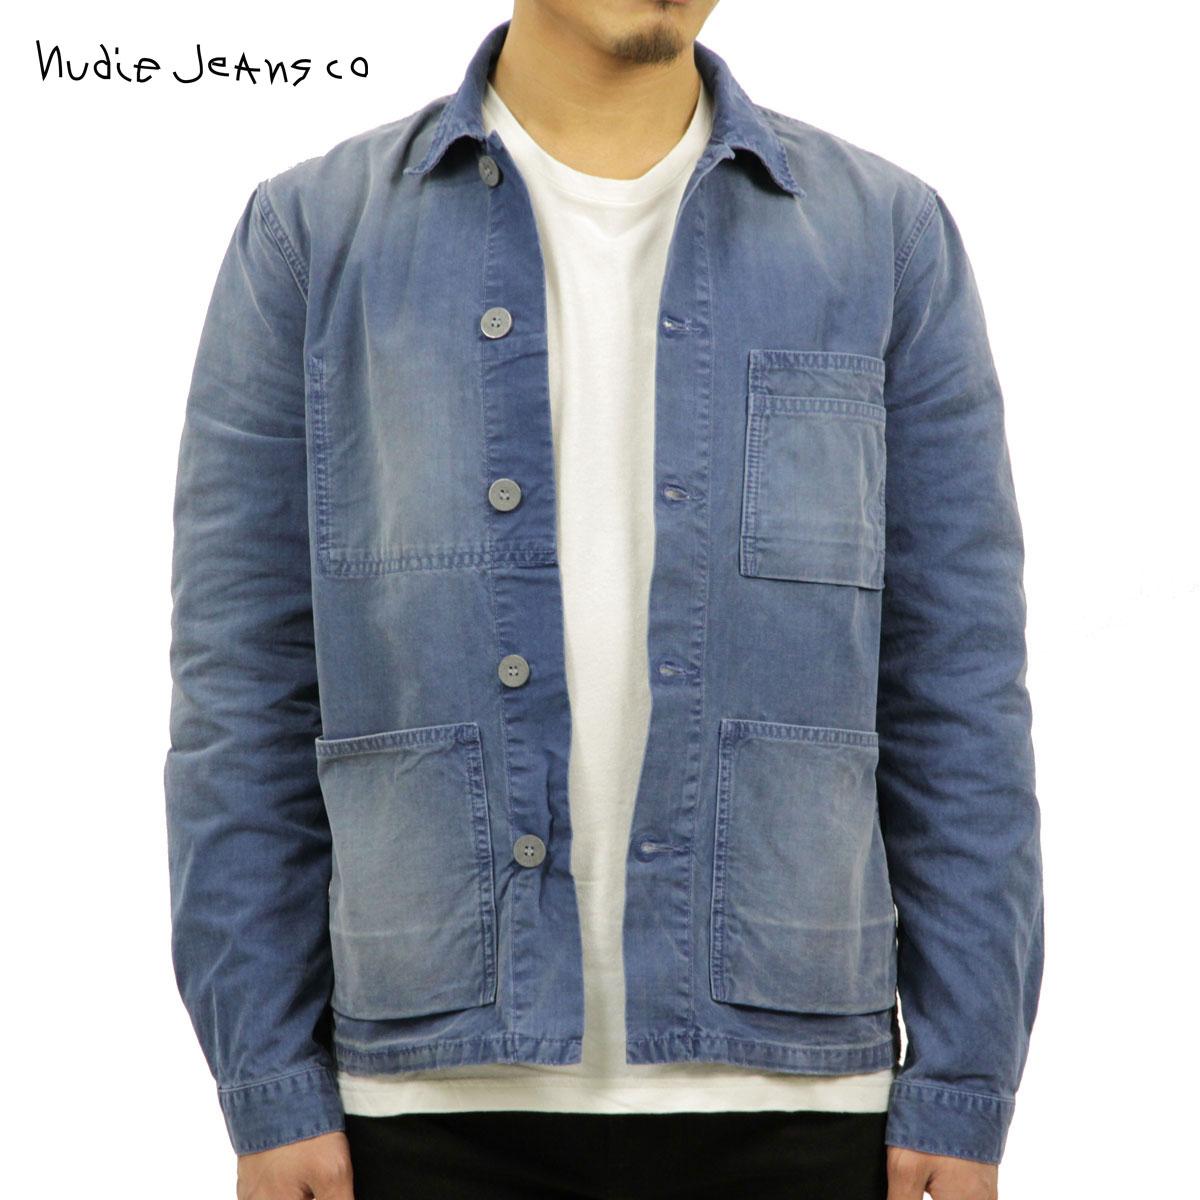 ヌーディージーンズ Nudie Jeans 正規販売店 メンズ アウター デニムジャケット PAUL WORKER DENIM JACKET ODEN BLUE C28 160543 5015